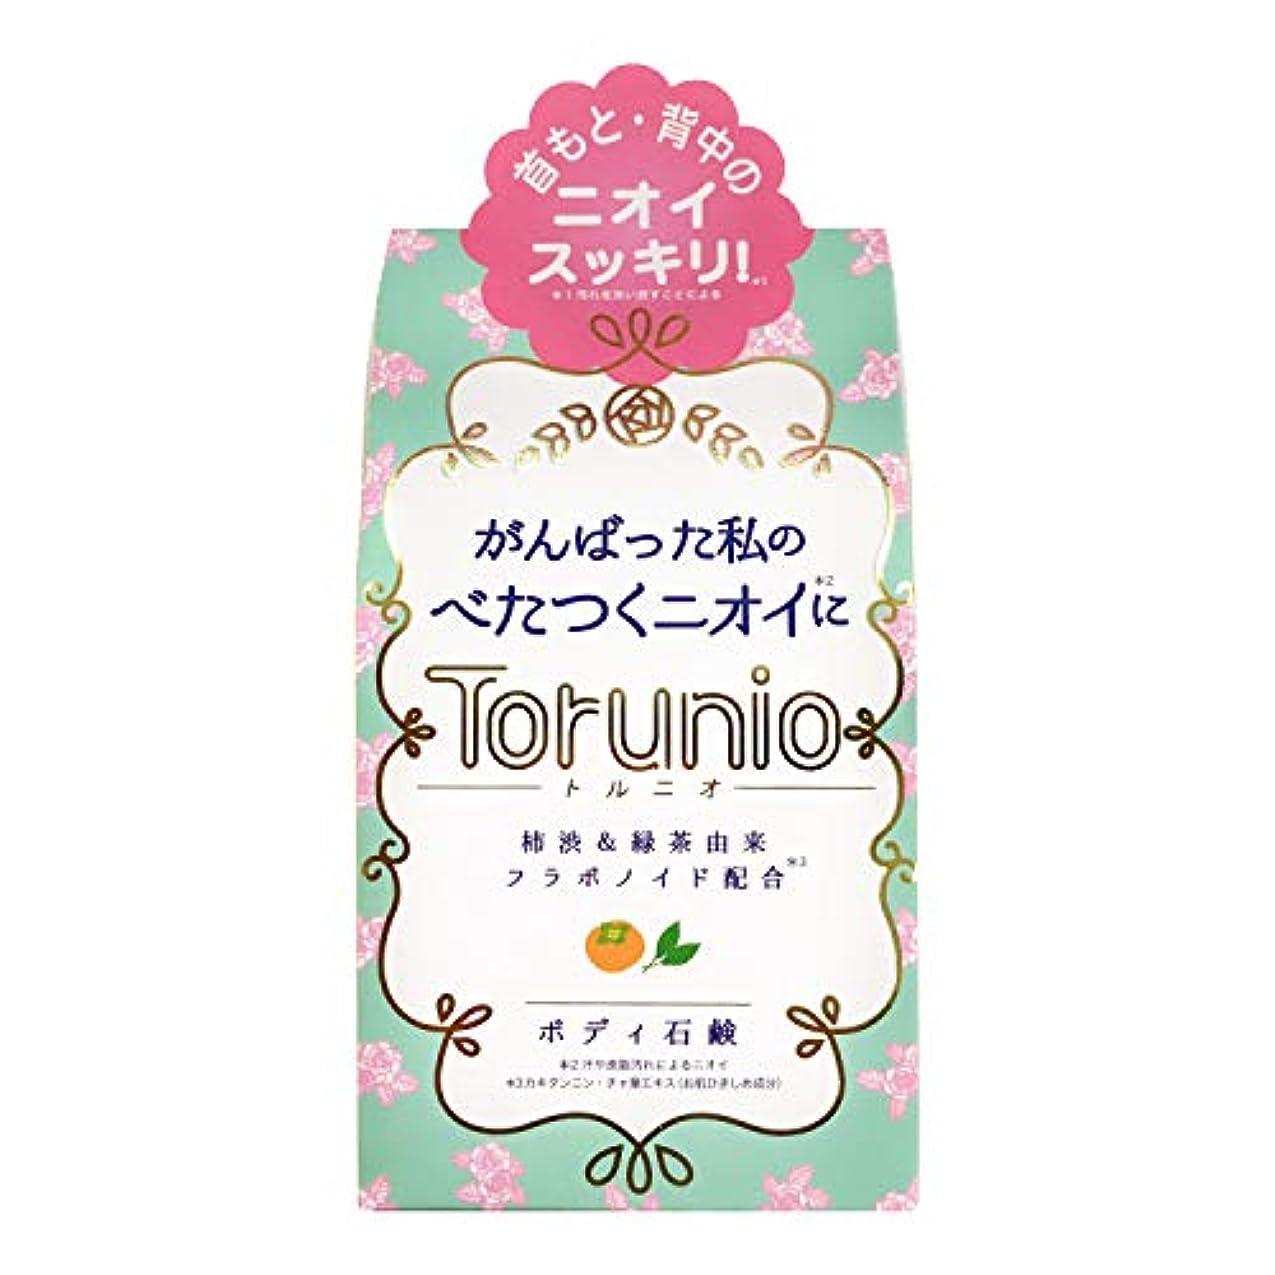 賛美歌訪問怒っているTorunio(トルニオ)石鹸 100g